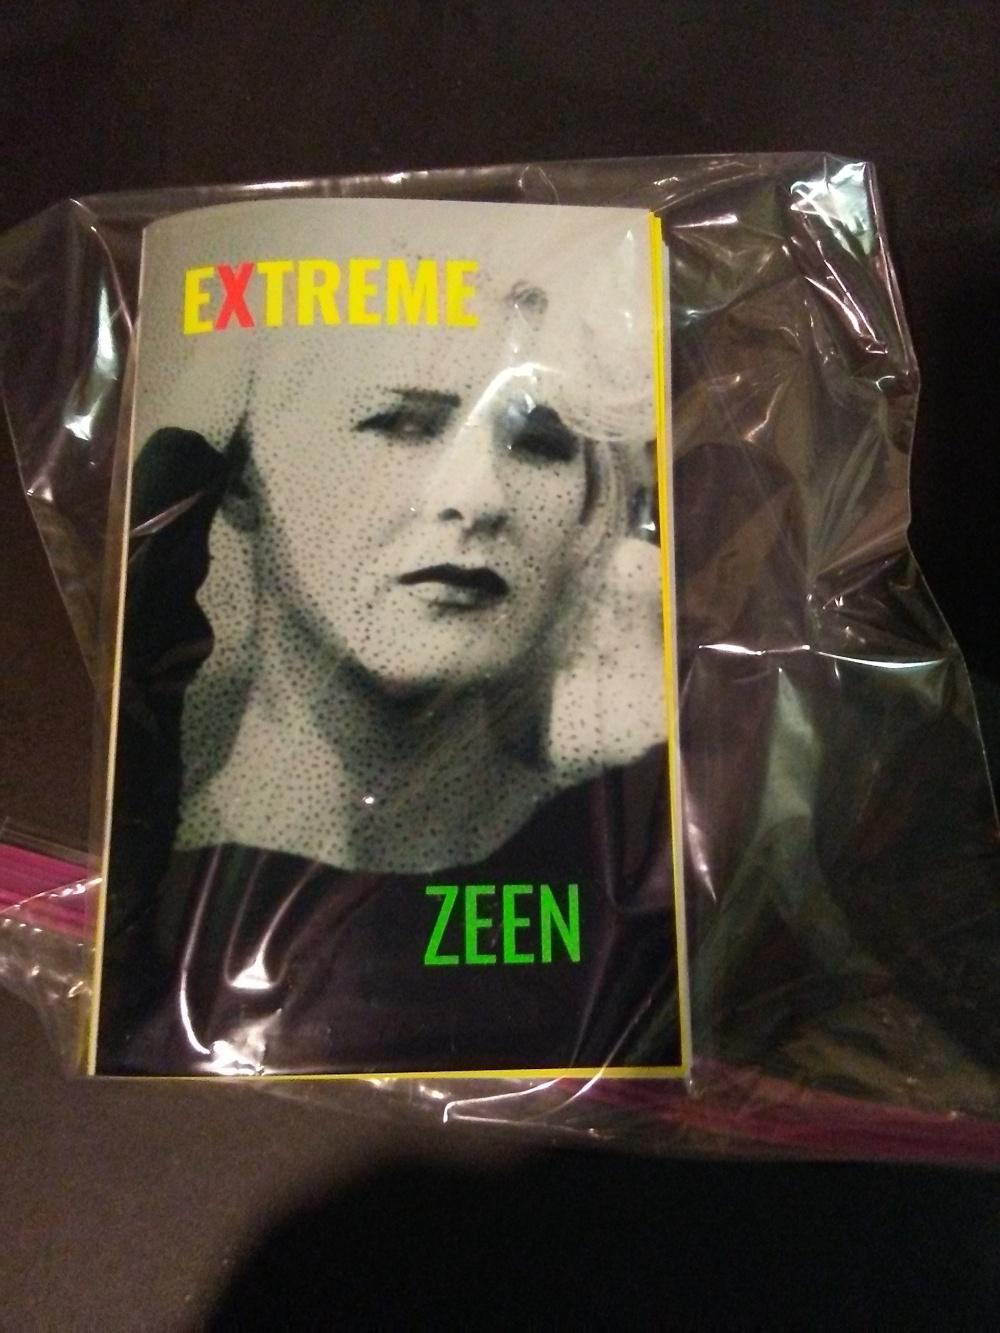 EZ in plastic